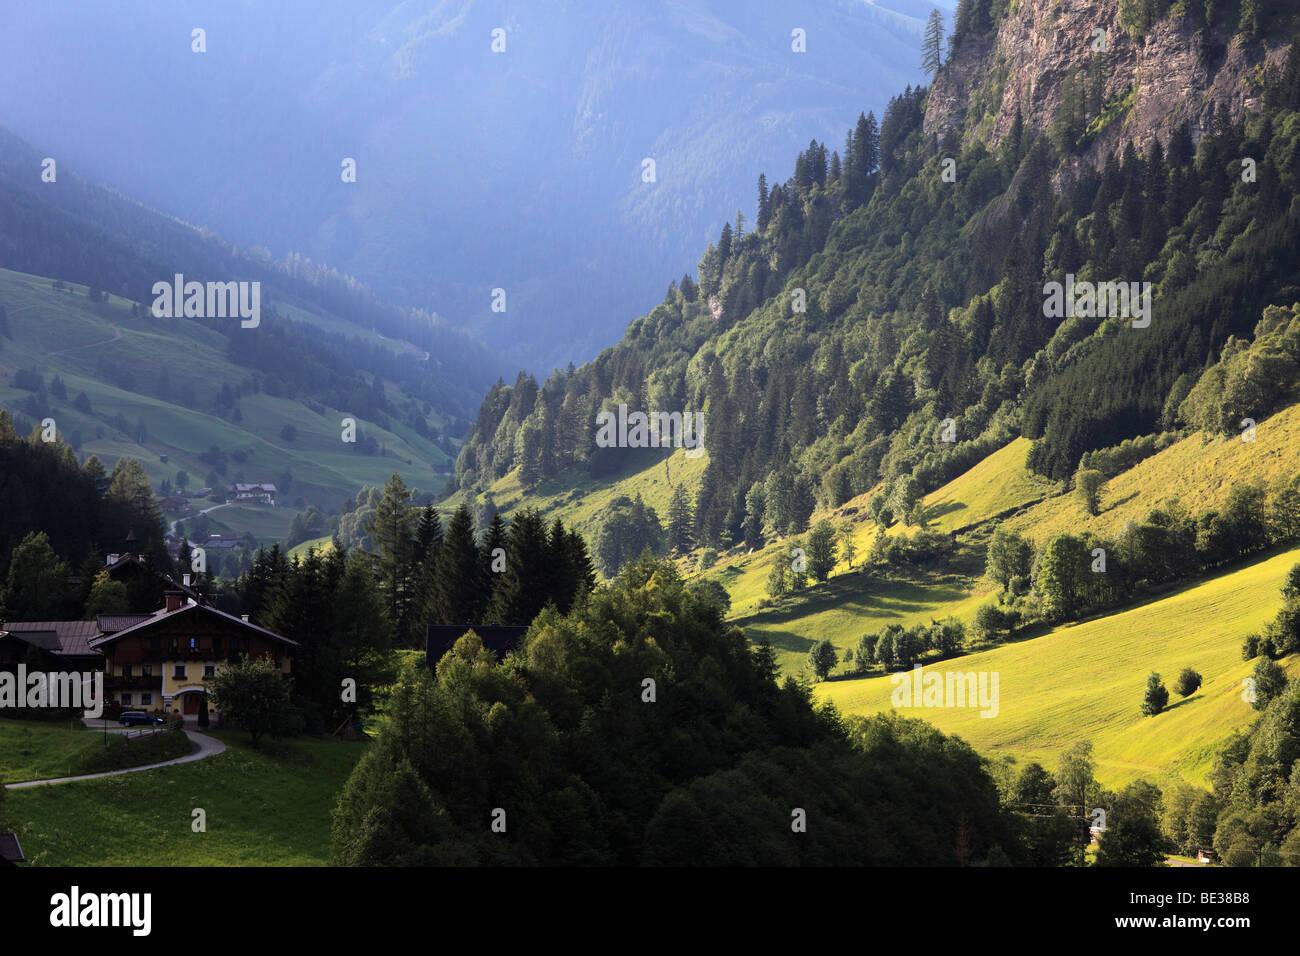 Huettschlag in the Grossarltal valley, Pongau, Land Salzburg, Salzburg, Aus - Stock Image